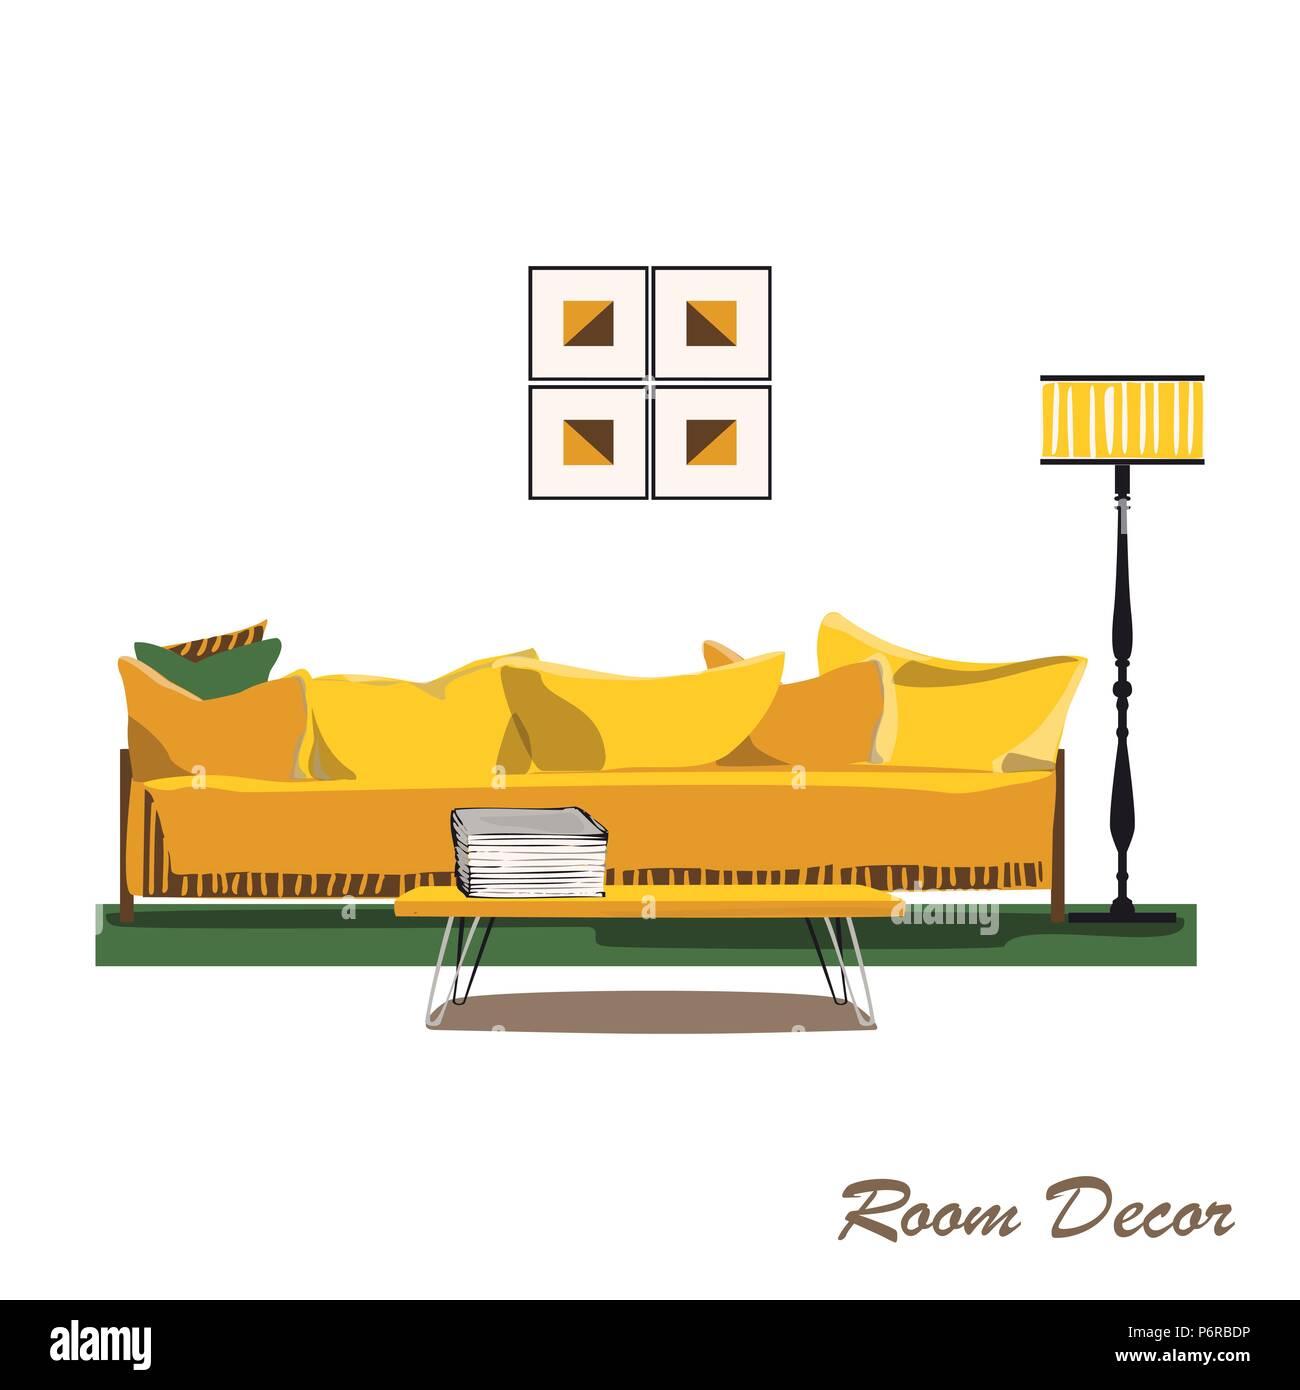 Interior Design Illustration. Modernes Gelbes Wohnzimmer Trendigen Stil.  Home Haus Dekoration. Möbel Lounge. Sofa Kissen Kissen Tabelle/Lampe B